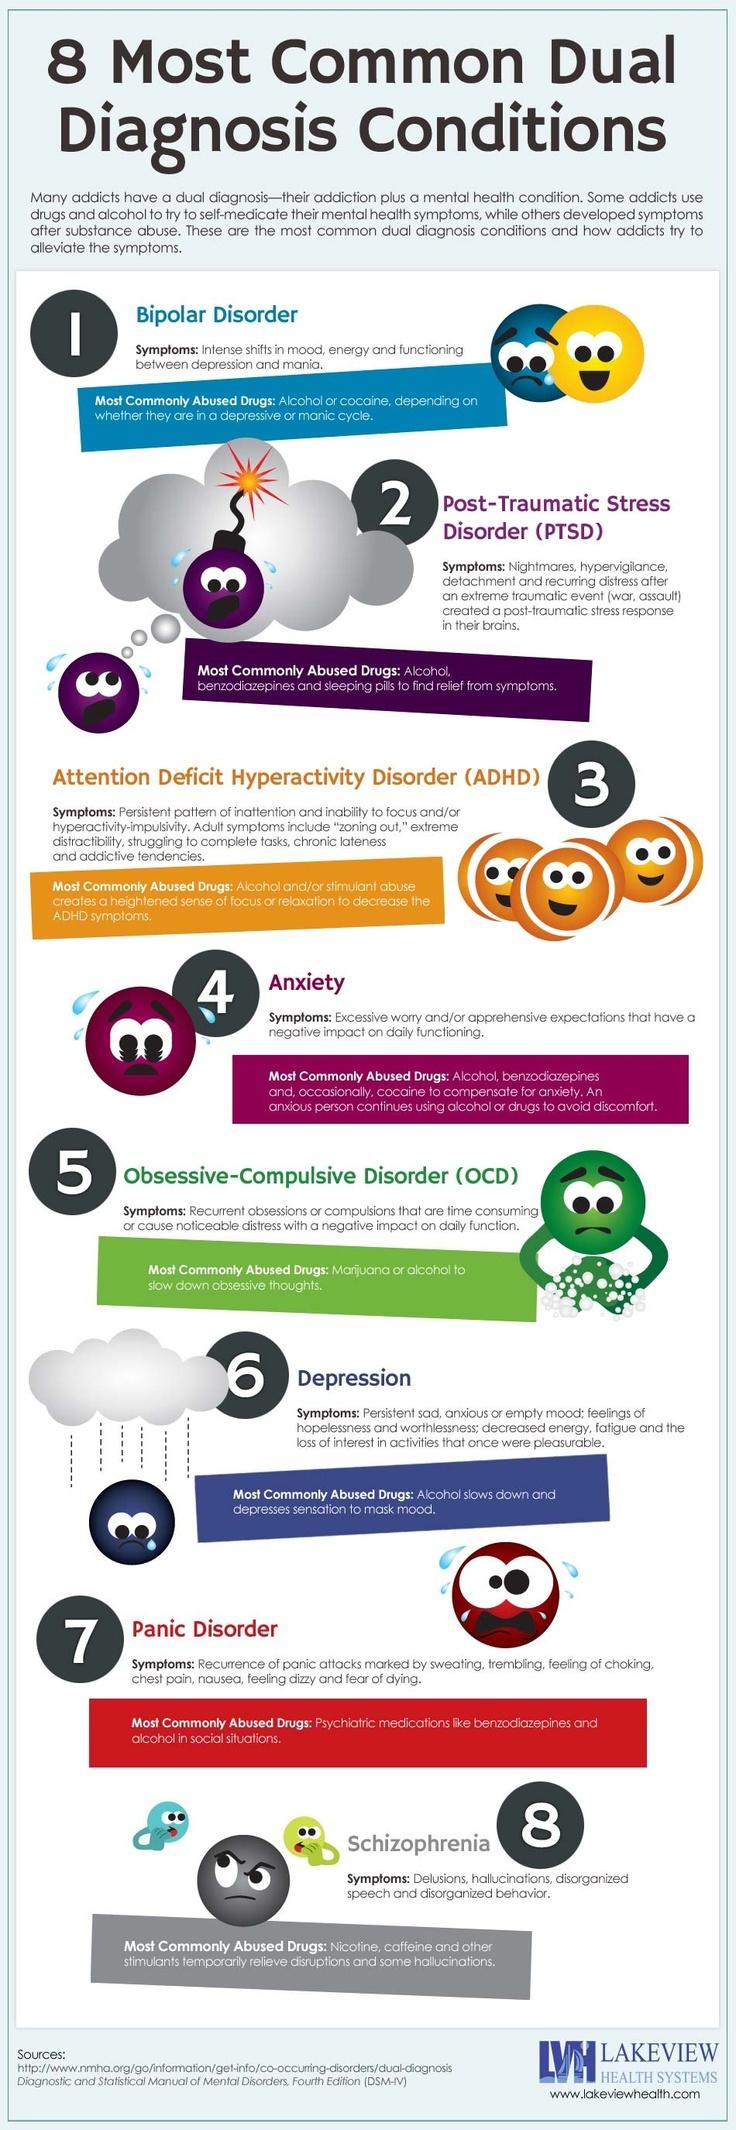 Dual Diagnosis Conditions